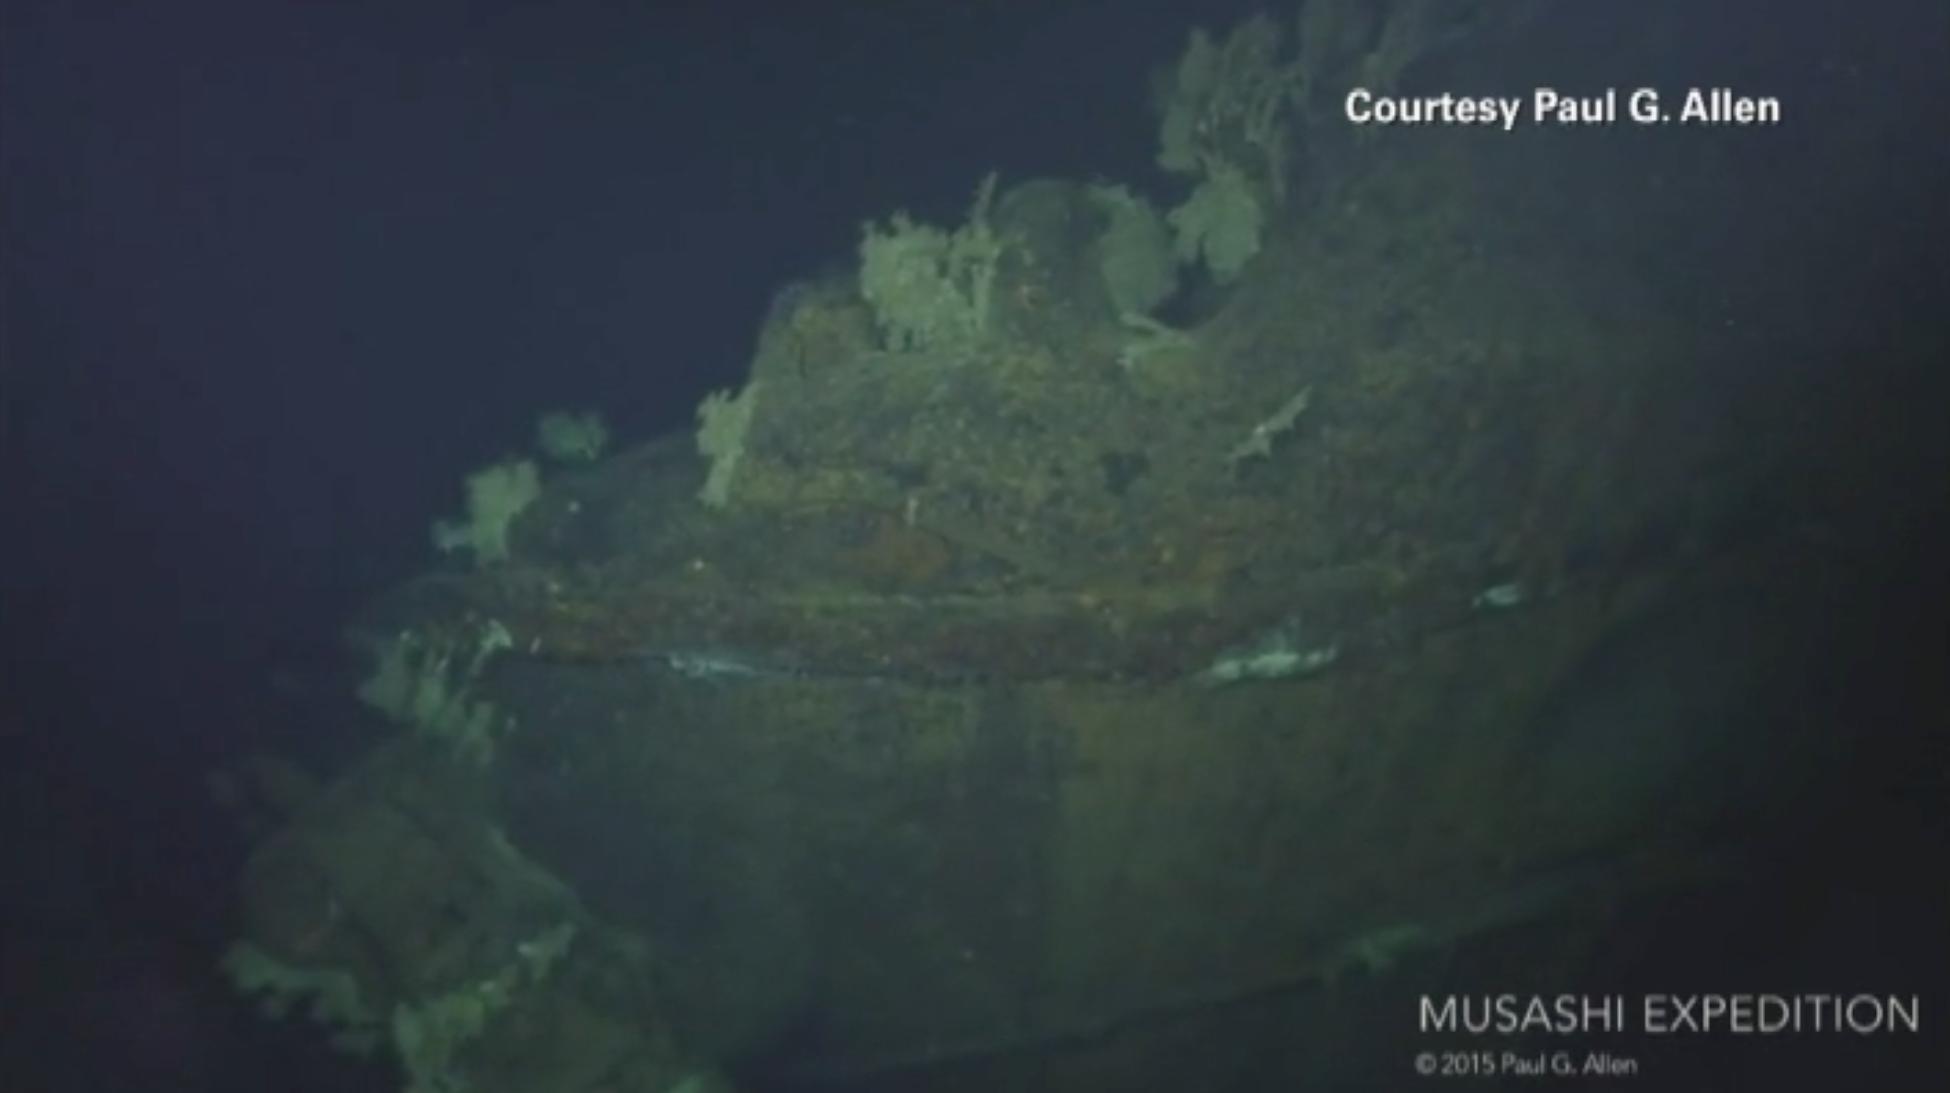 """شاهد حطام """"موساشي"""" تحت الماء منذ الحرب العالمية 2"""